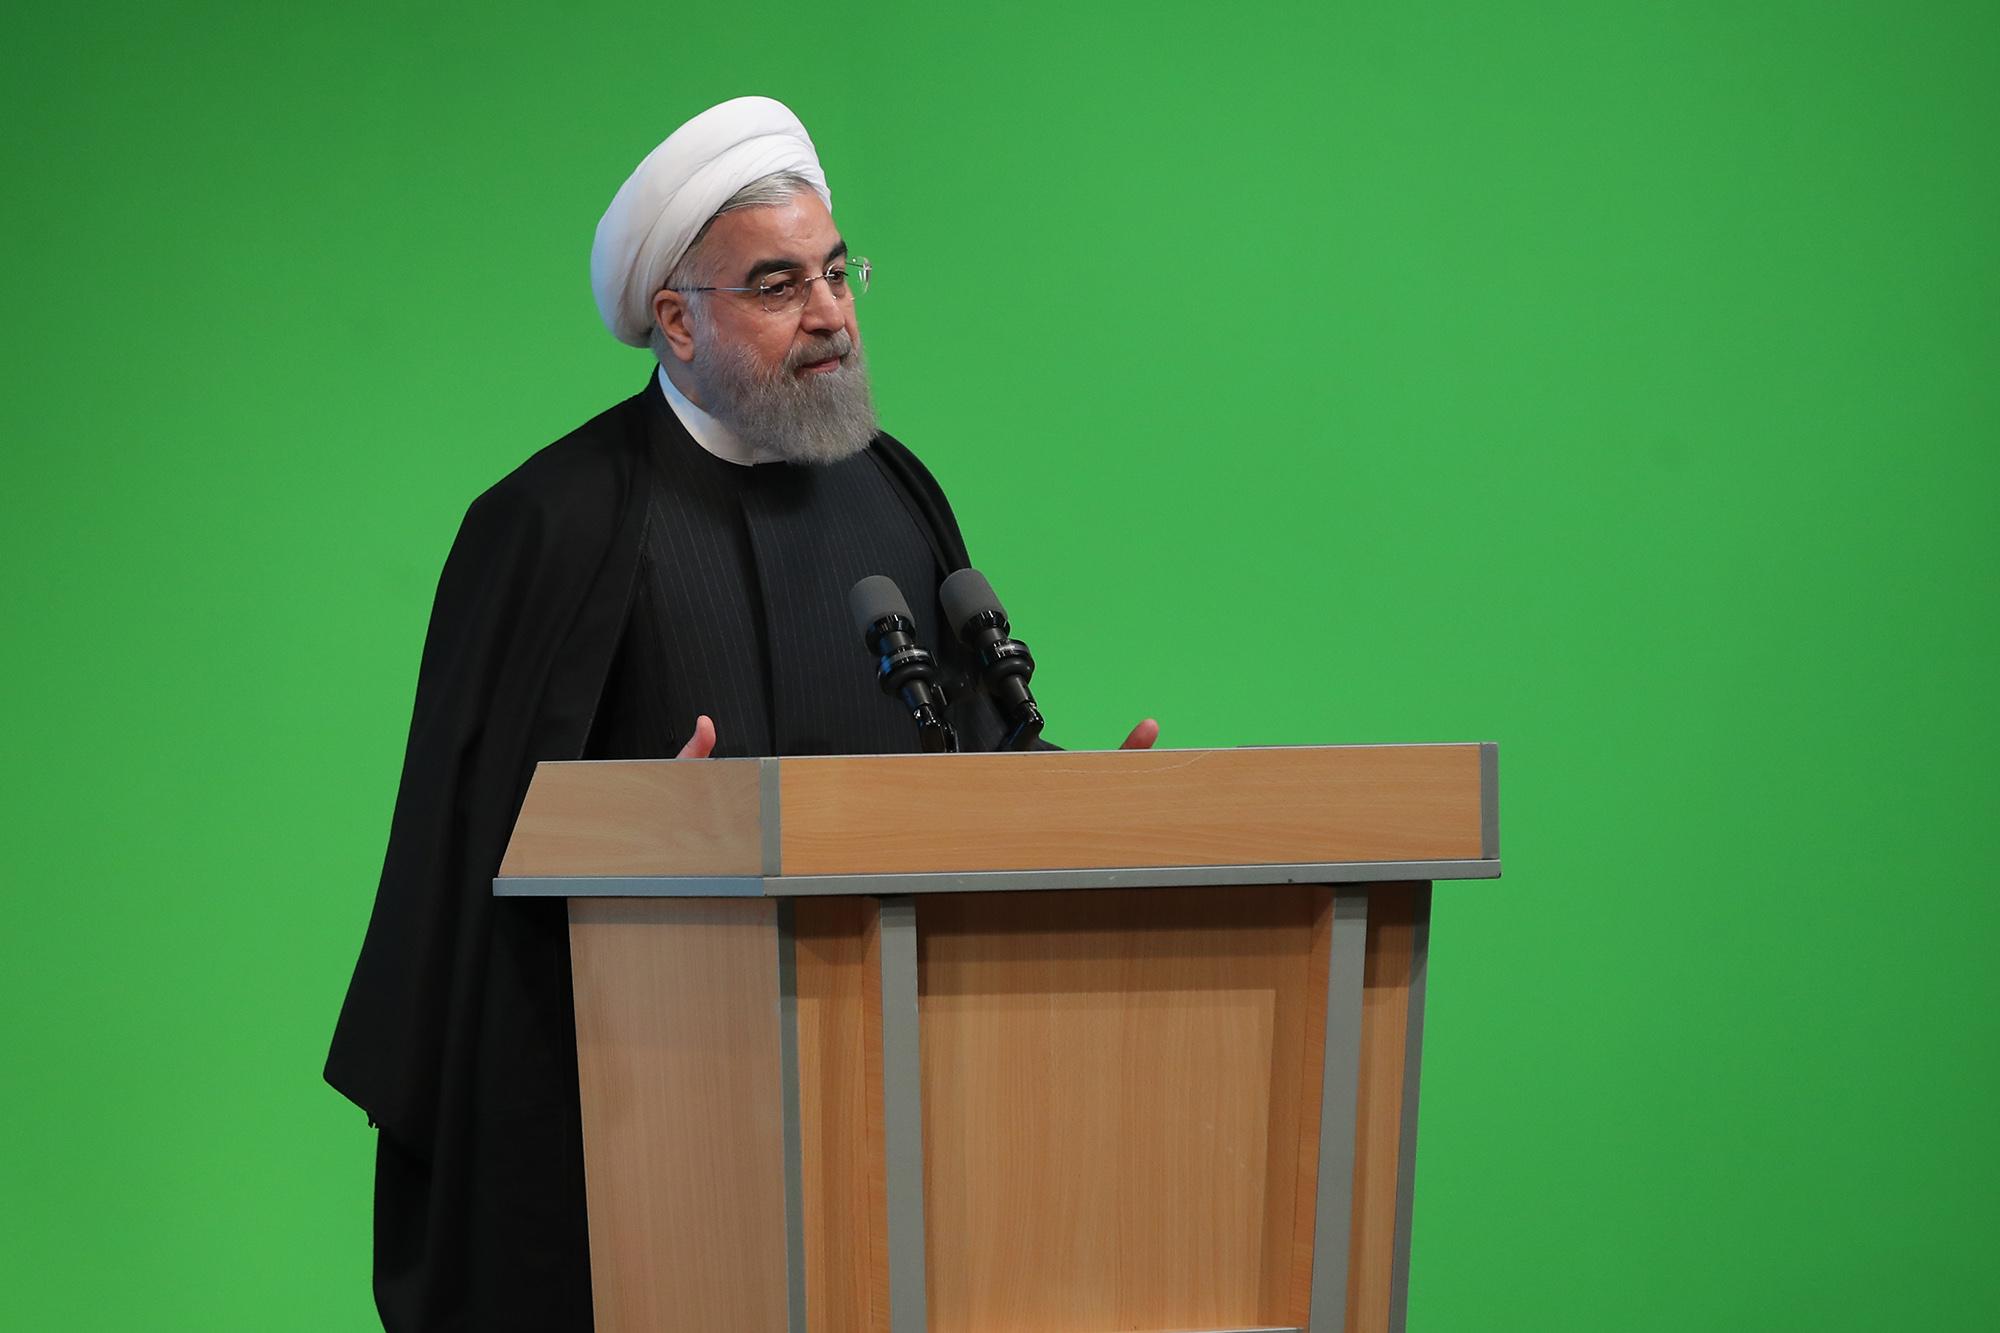 قطار روحانی به ایستگاه تغییر رسید!